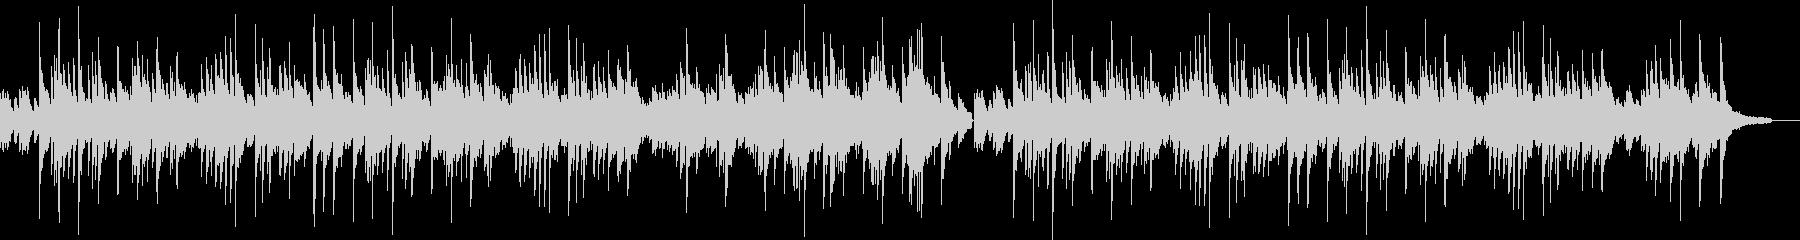 ゆったりとしたソロピアノのバラードの未再生の波形